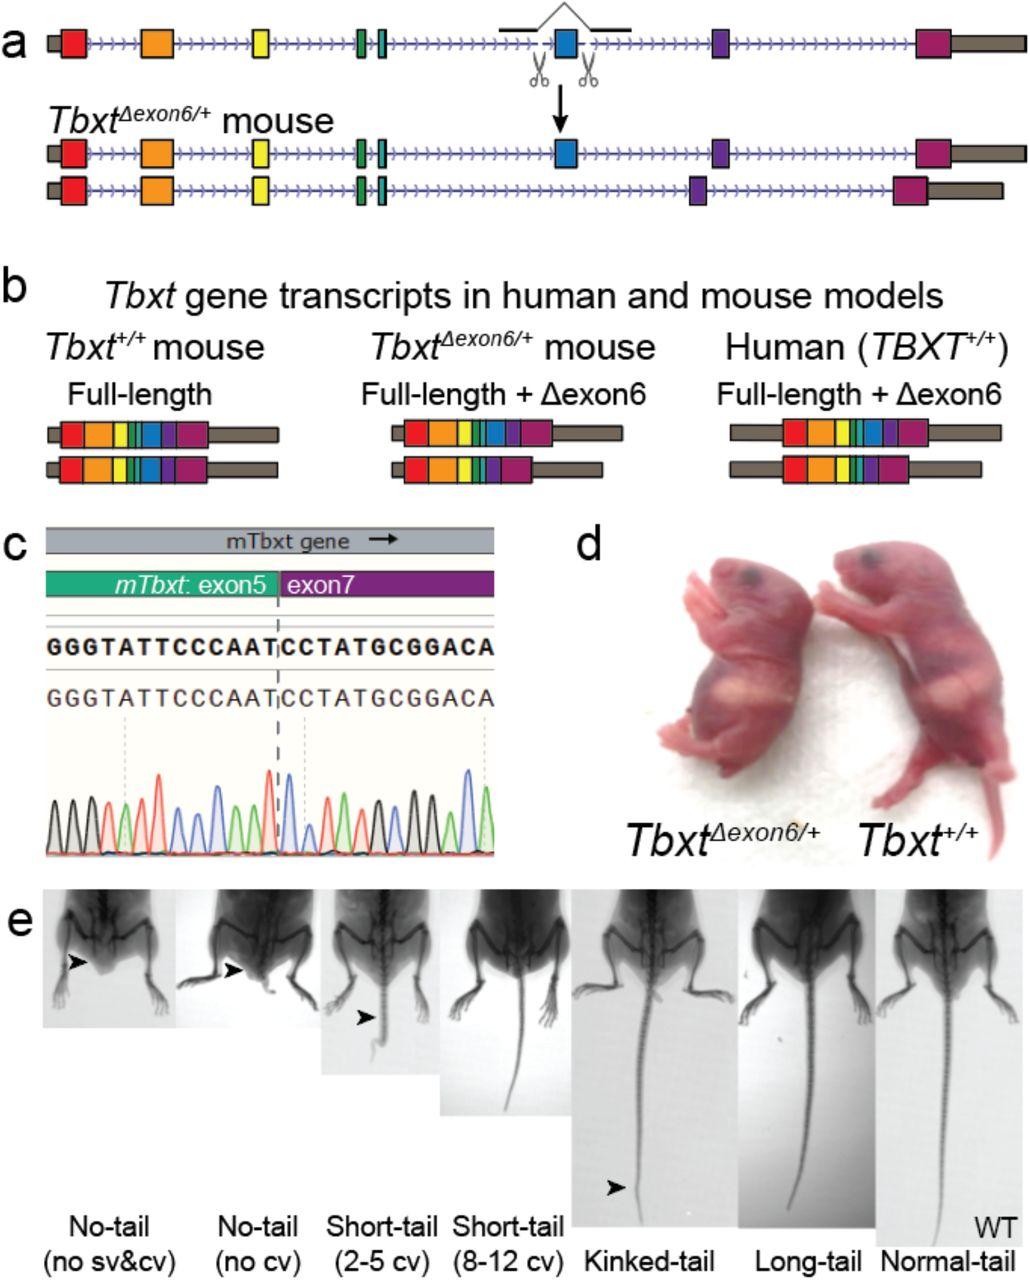 Получение генетически модифицированных мышей сразными нарушениями развития хвоста